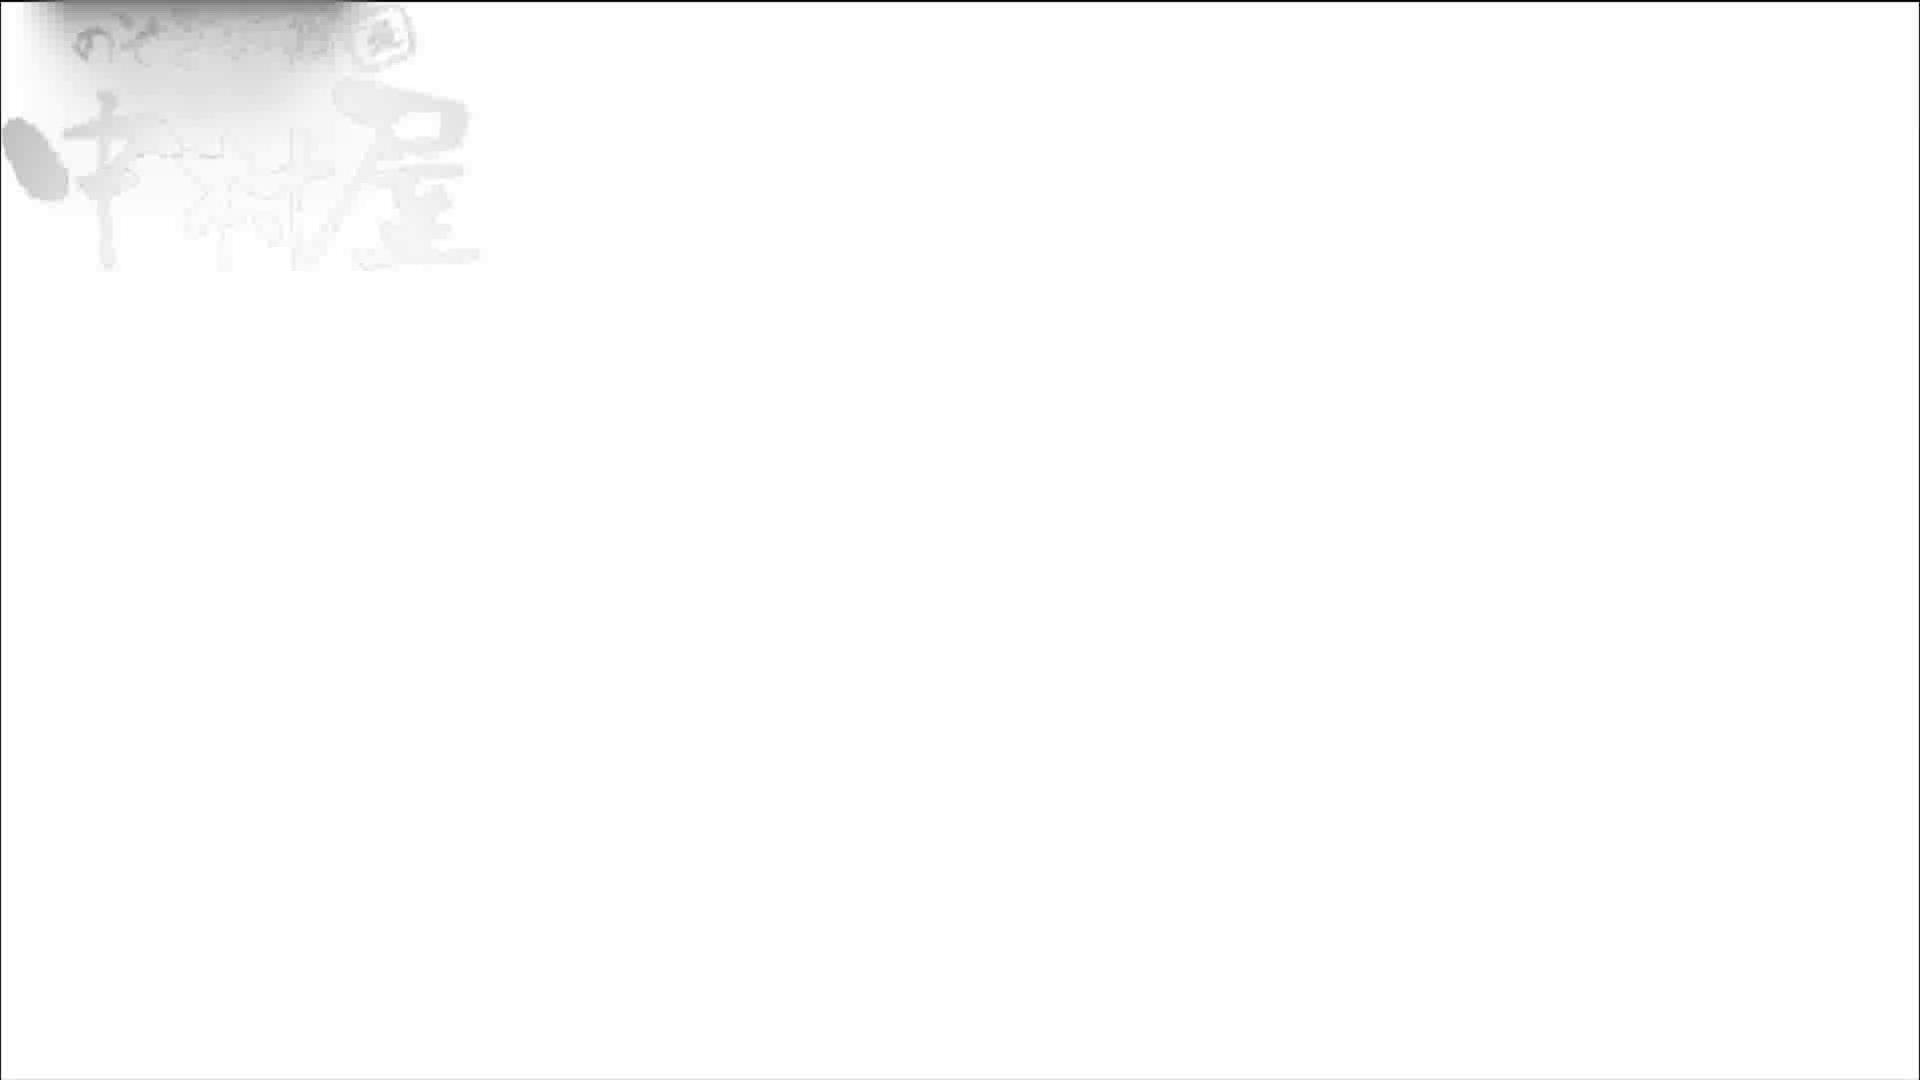 美しい日本の未来 No.33 黒パンをやっと下げる? 乙女のエロ動画  106PIX 56